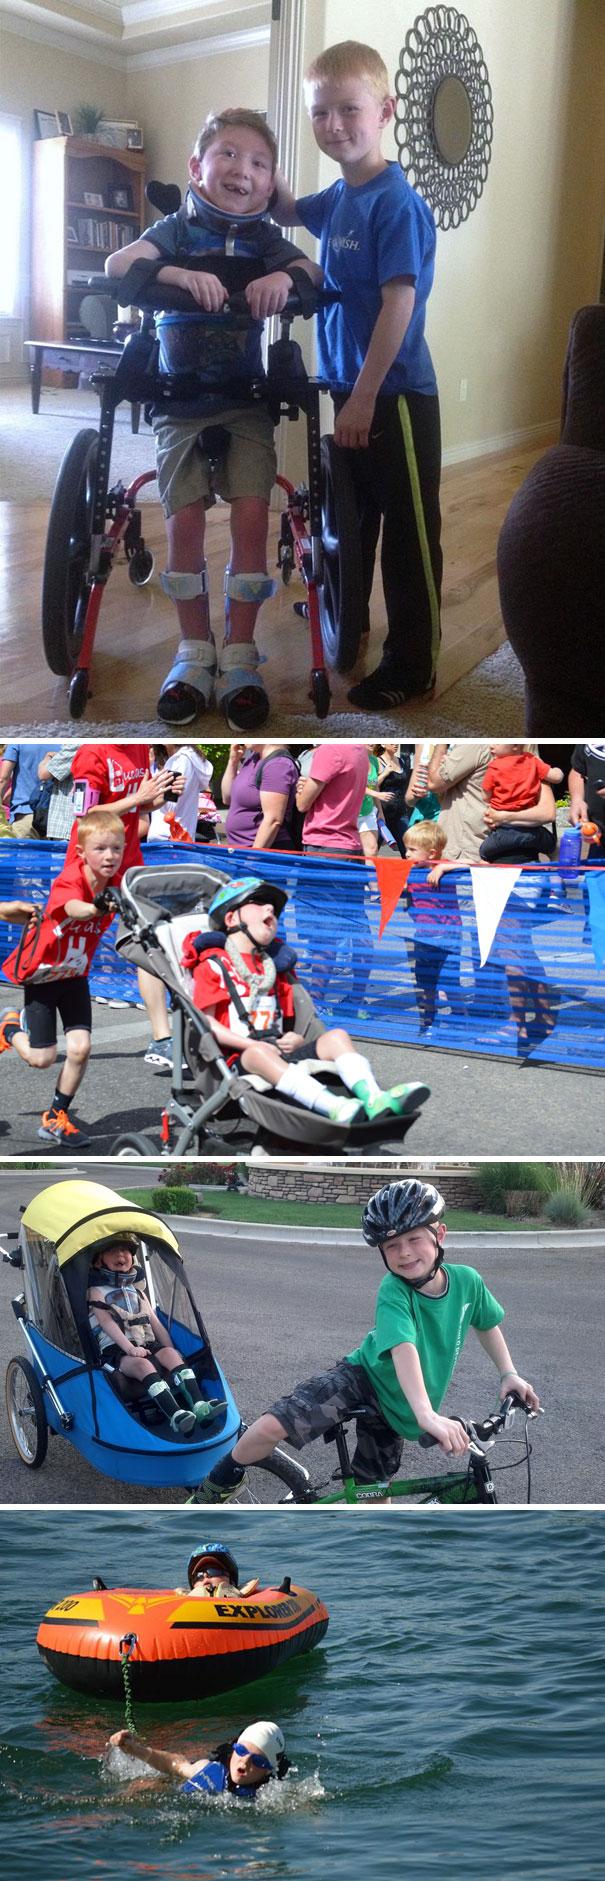 8-летний Ноа участвует в мини-триатлоне вместе со своим парализованным братом Лукасом.